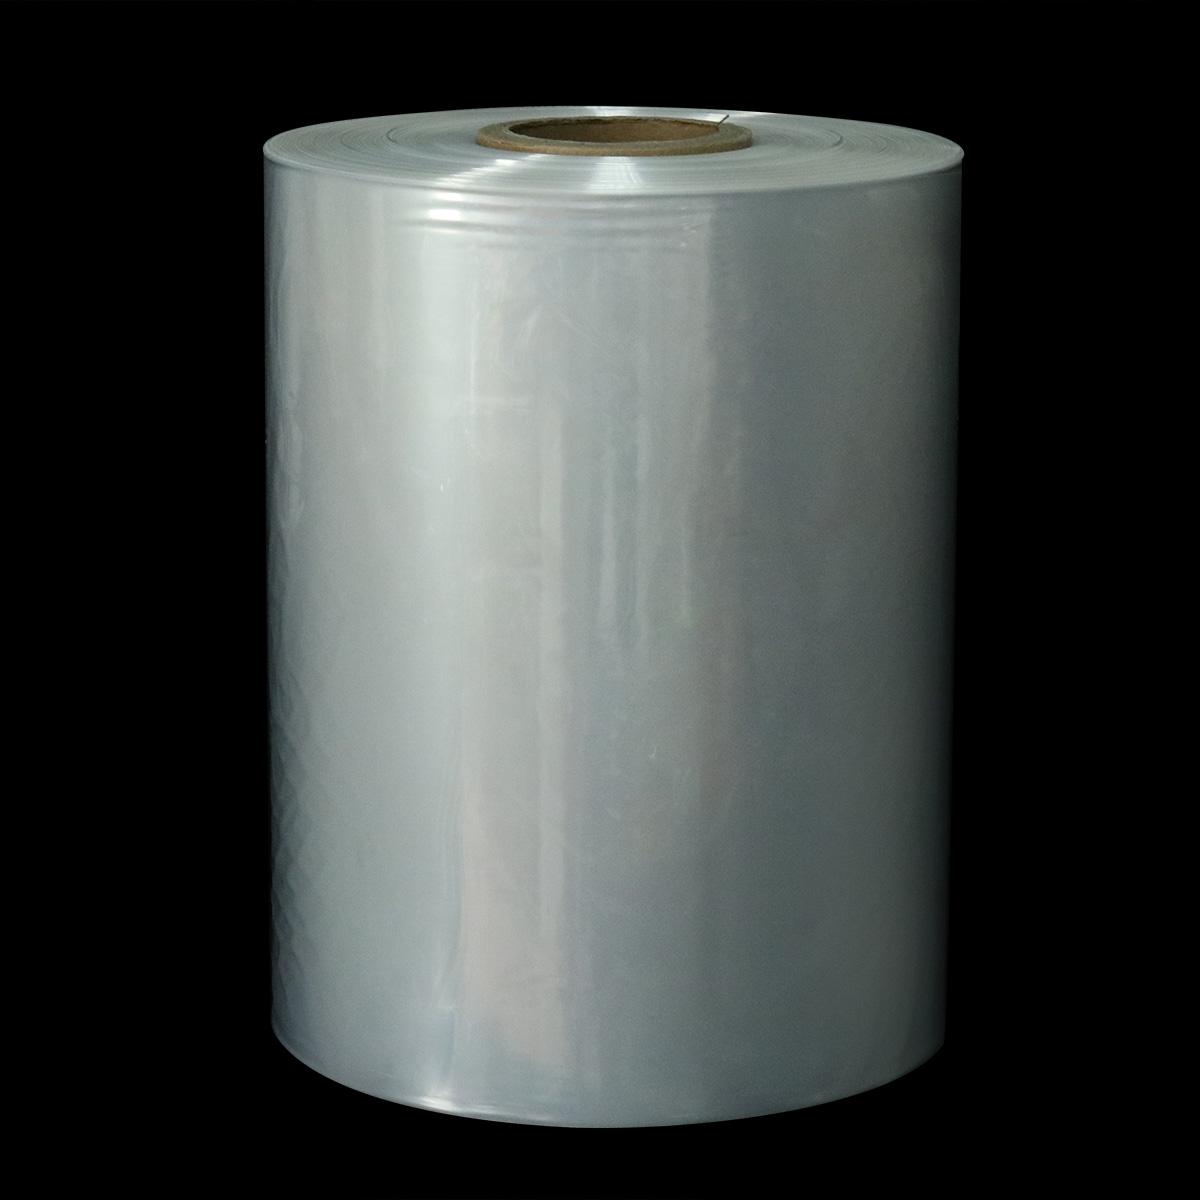 具有口碑的热缩袋生产厂家推荐 优质实惠的环保热缩膜